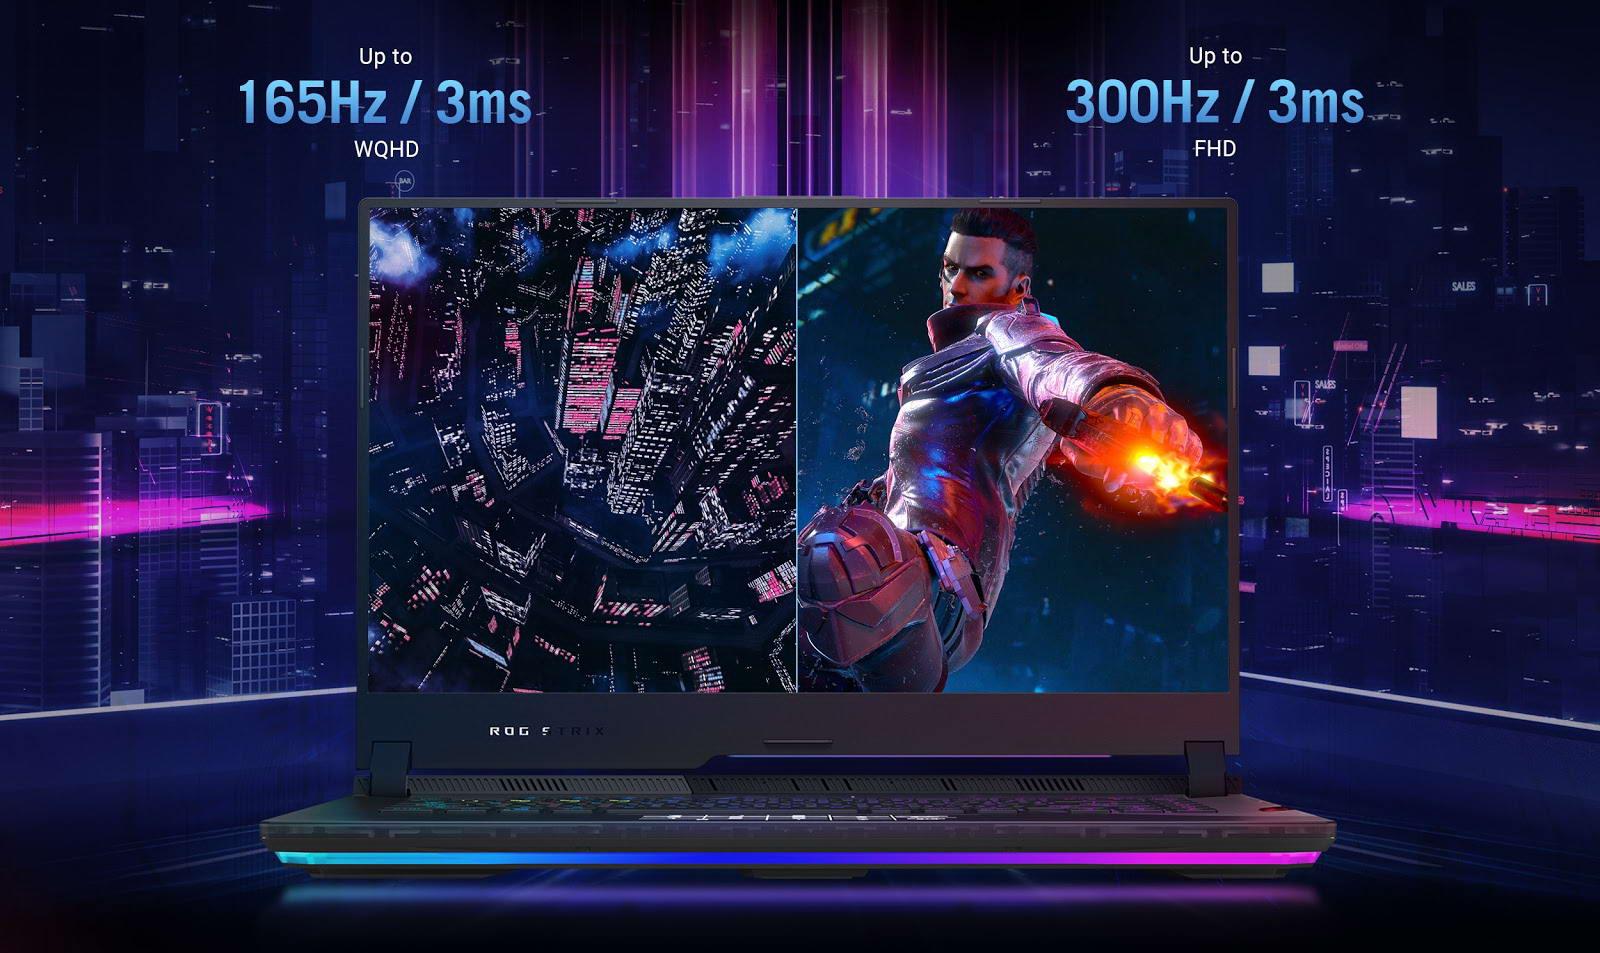 màn hình FHD 300Hz/ 2K 165Hz với Adaptive-Sync